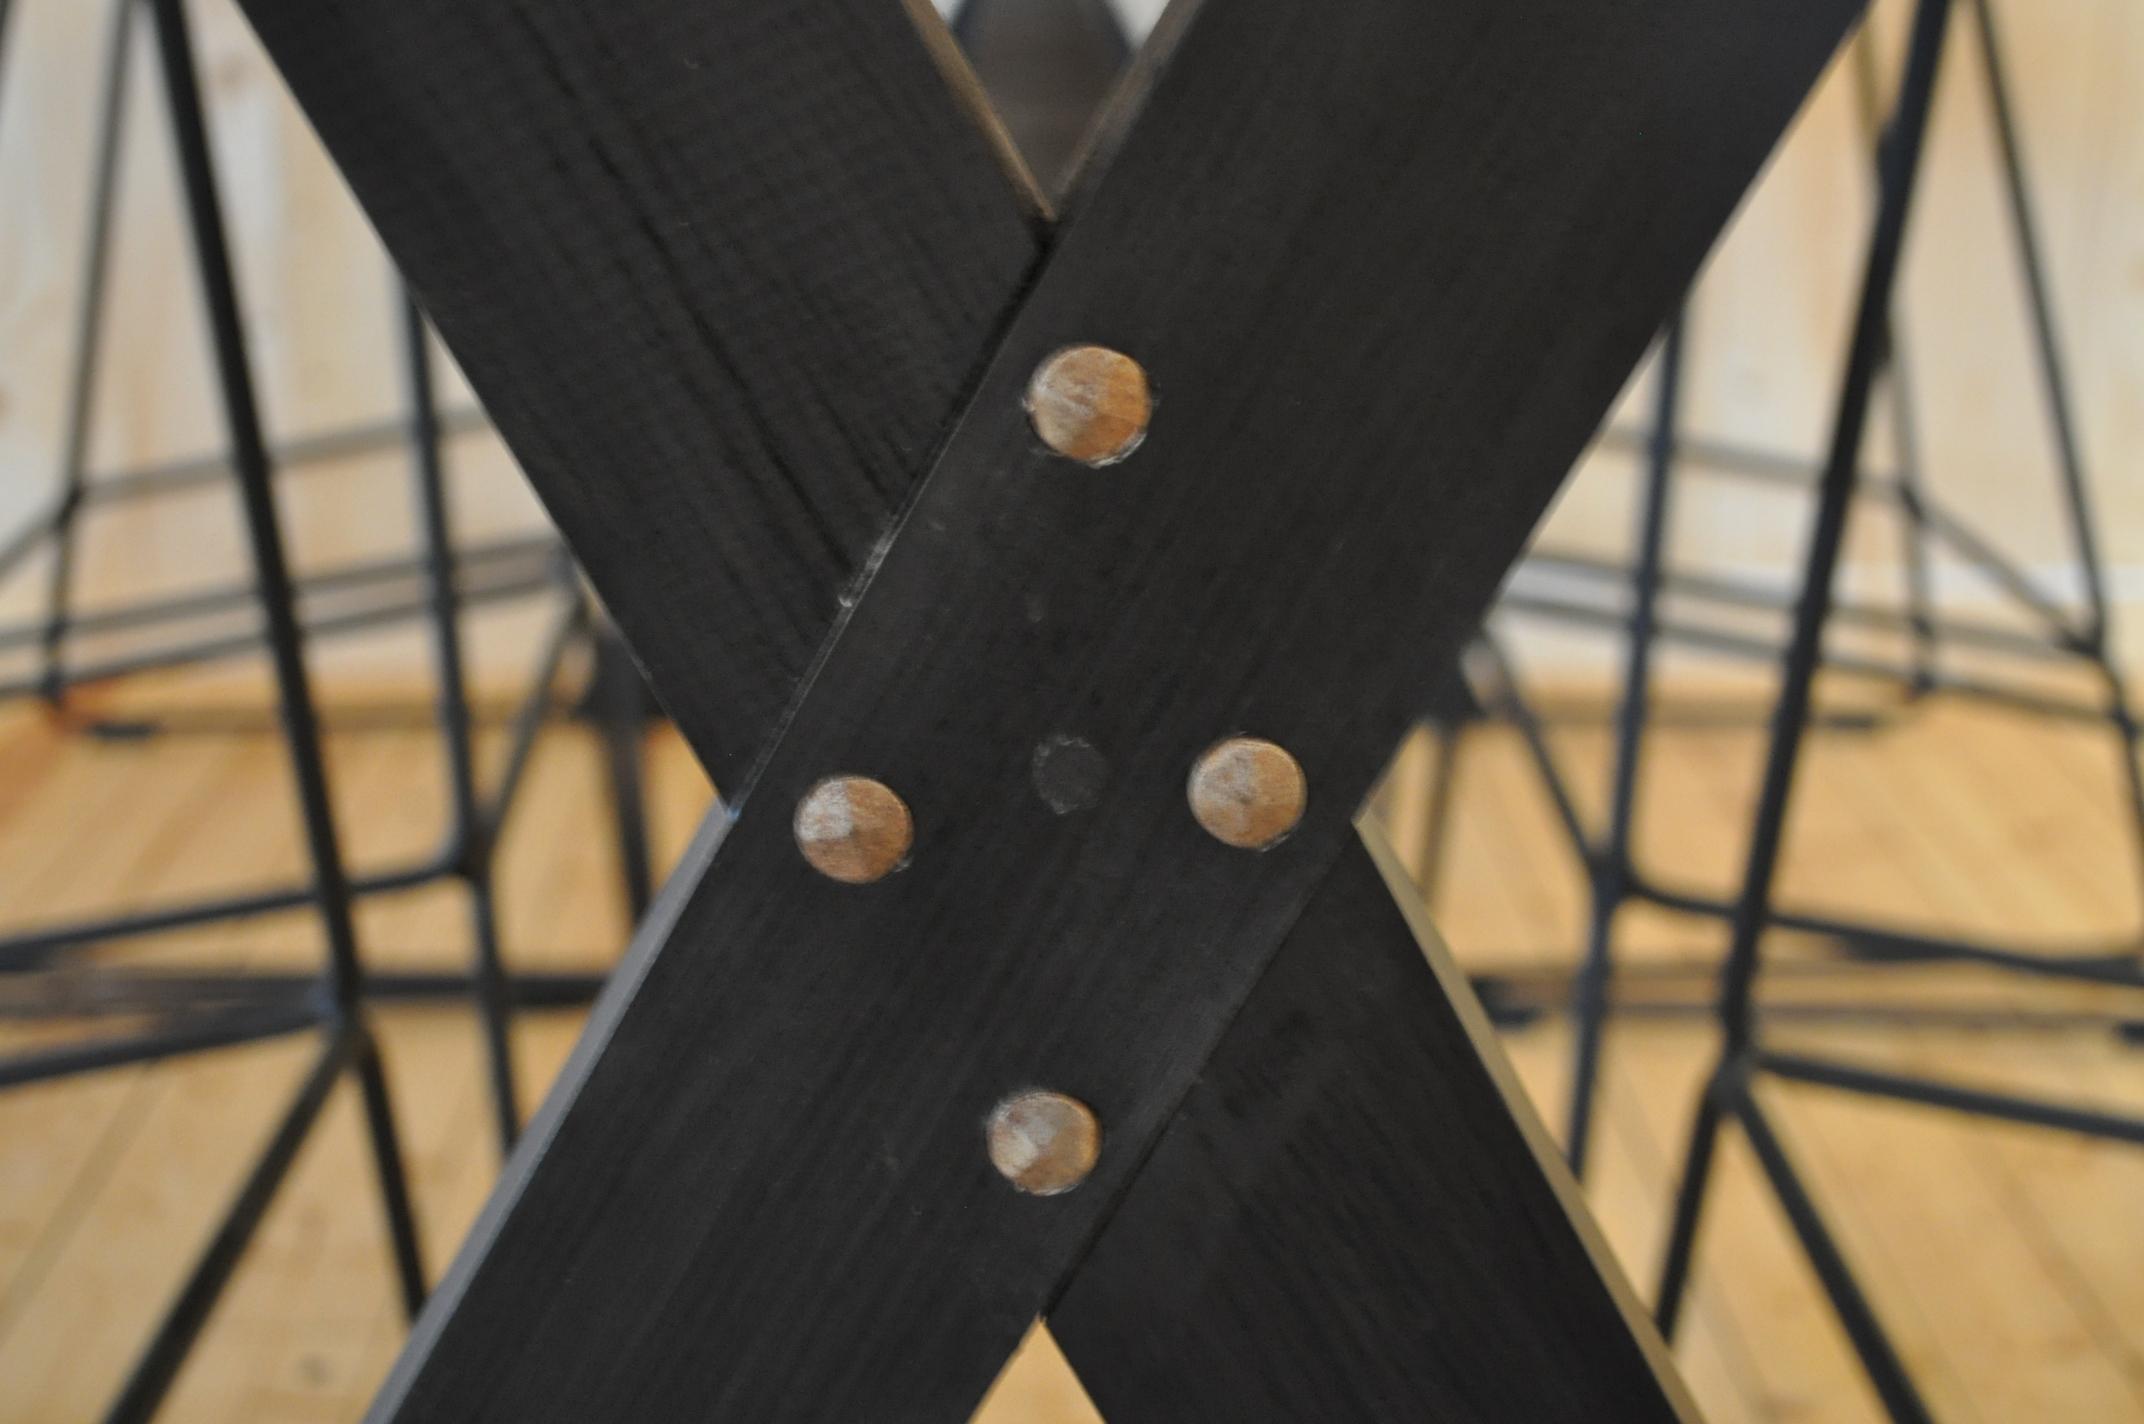 Allrom detaljer Nagler interiørdeisgn oslo.jpg